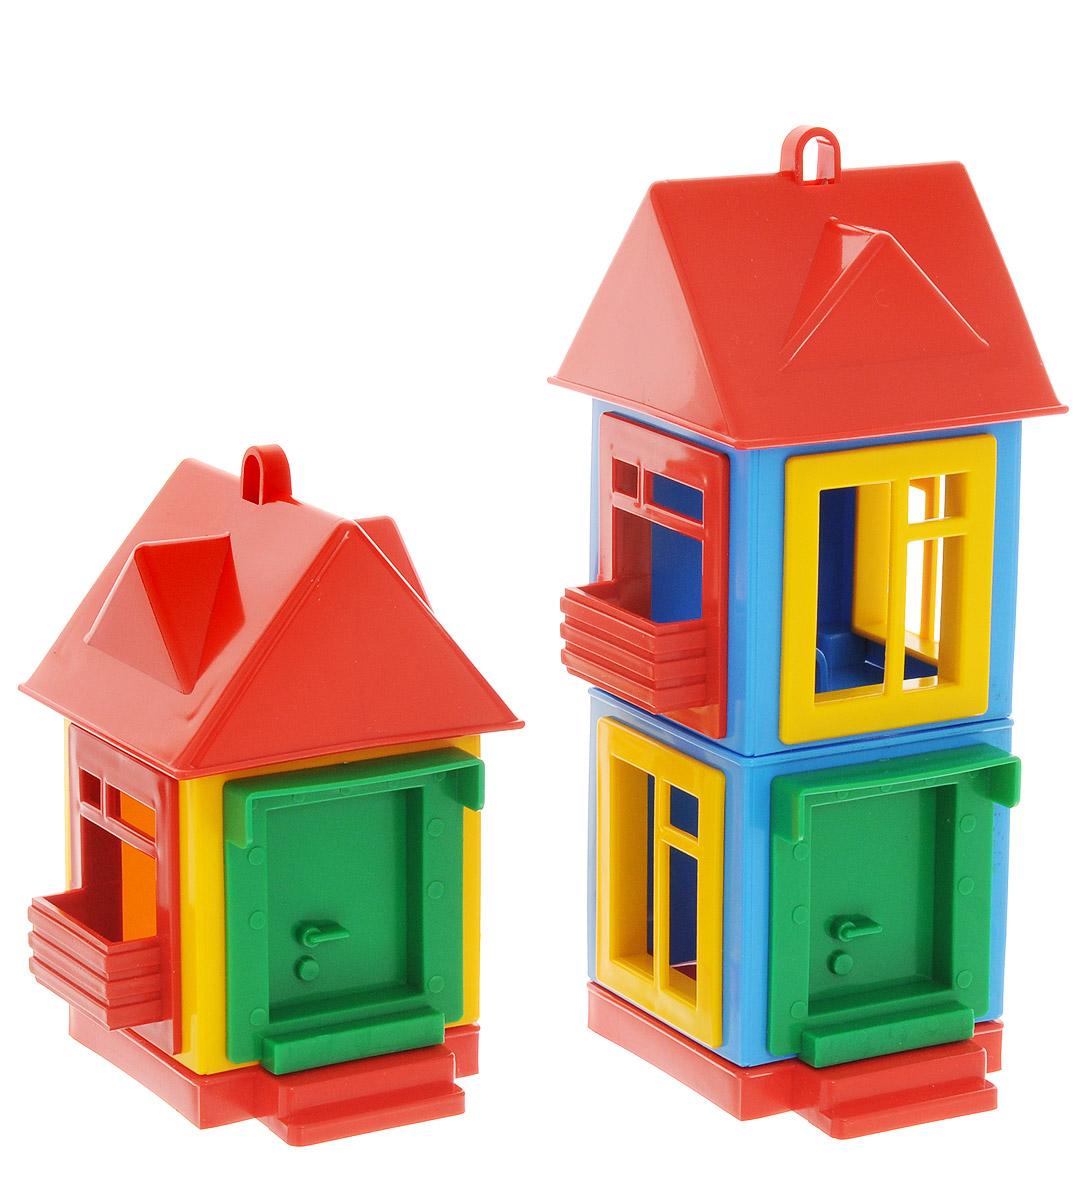 Форма Развивающая игрушка Панельный дом мультицвет